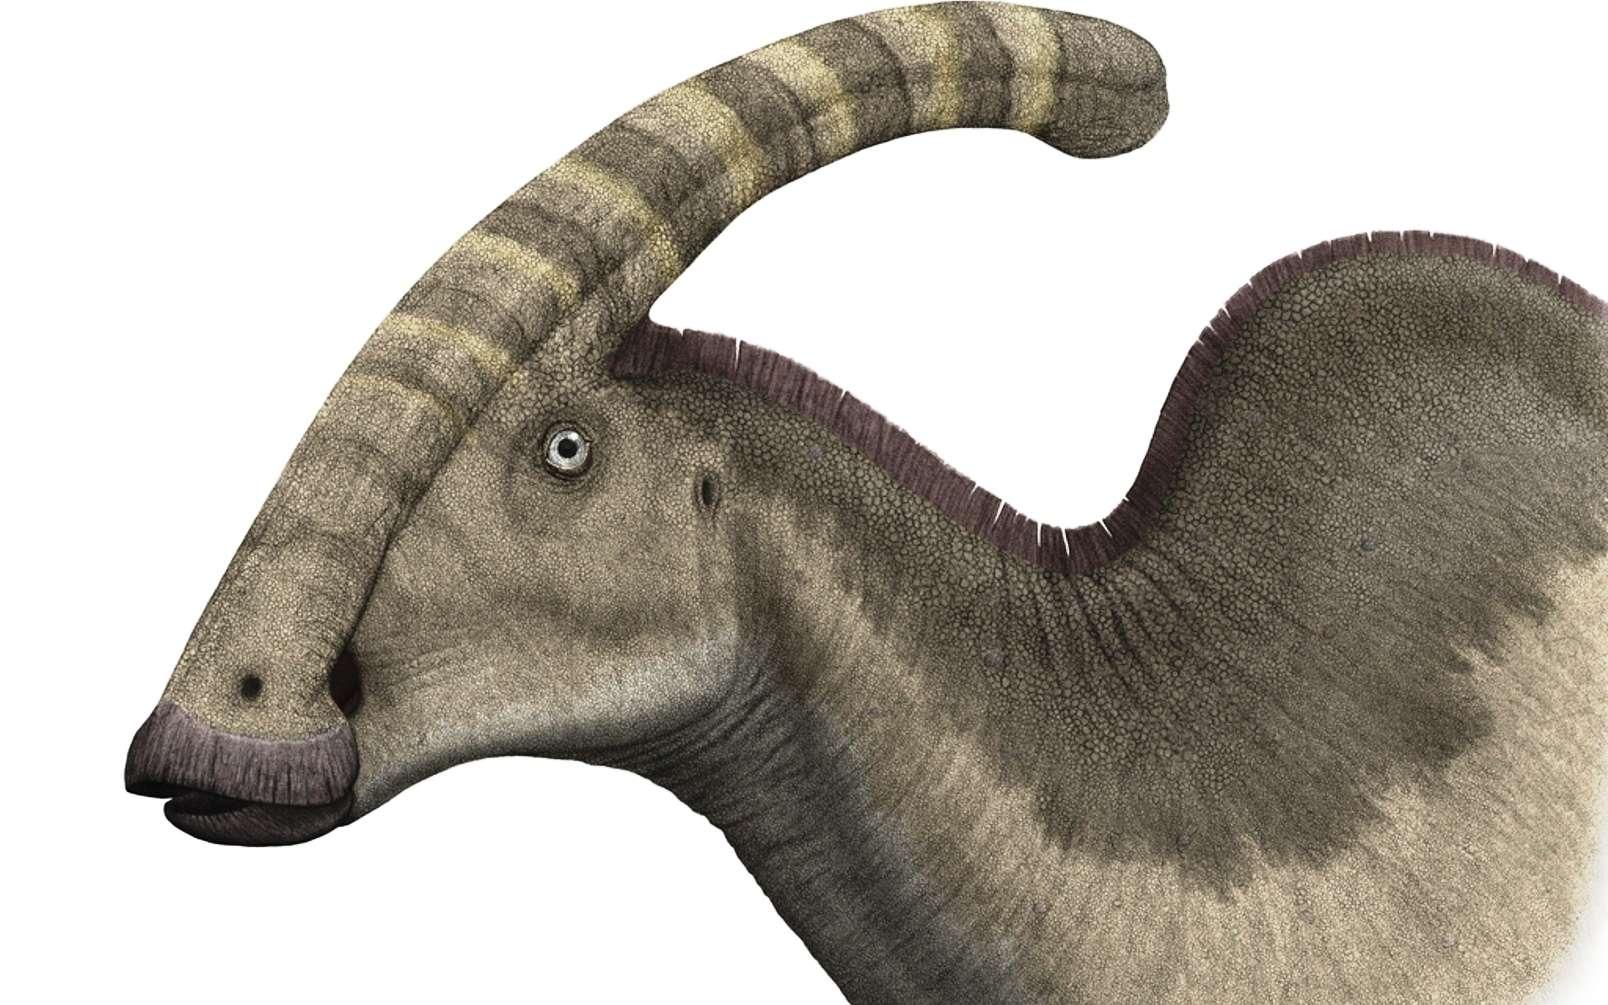 Une représentation d'artiste d'hadrosaure à bec de canard (Parasaurolophus walkeri), un dinosaure bien connu qui vivait sur l'île continent de Laramidia. © Steveoc 86, Wikipédia, CC by-sa 2.5